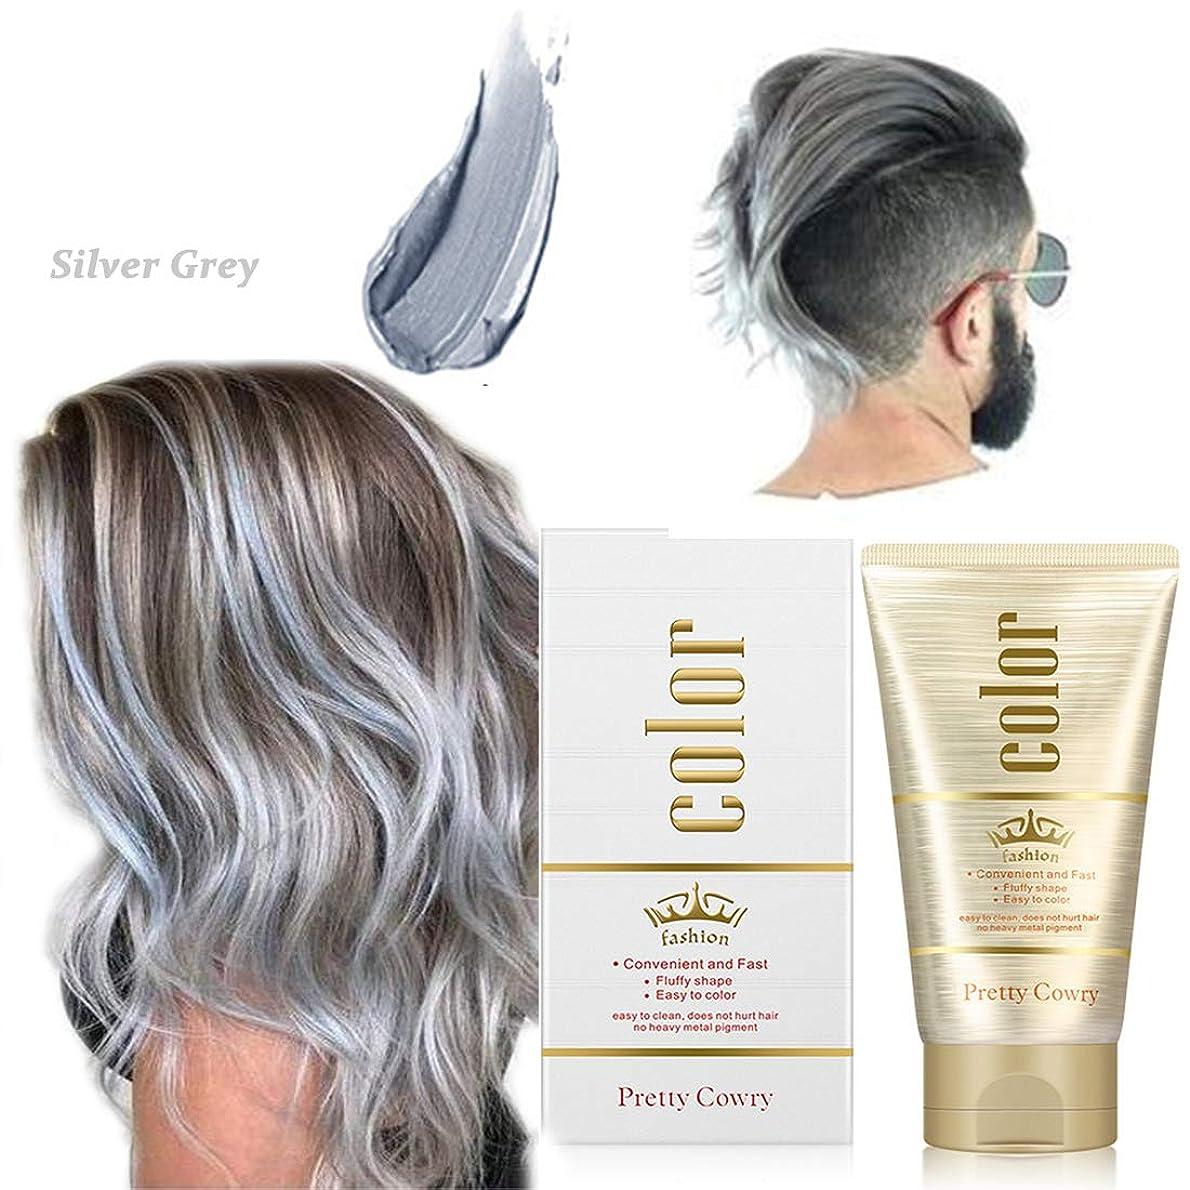 シャワーつまらない聴衆染めヘアワックス、ワンタイムカラースタイリング、スタイリングカラーヘアワックス、ユニセックス9色、diyヘアカラーヘアパーティー、ロールプレイング (Sliver grey)